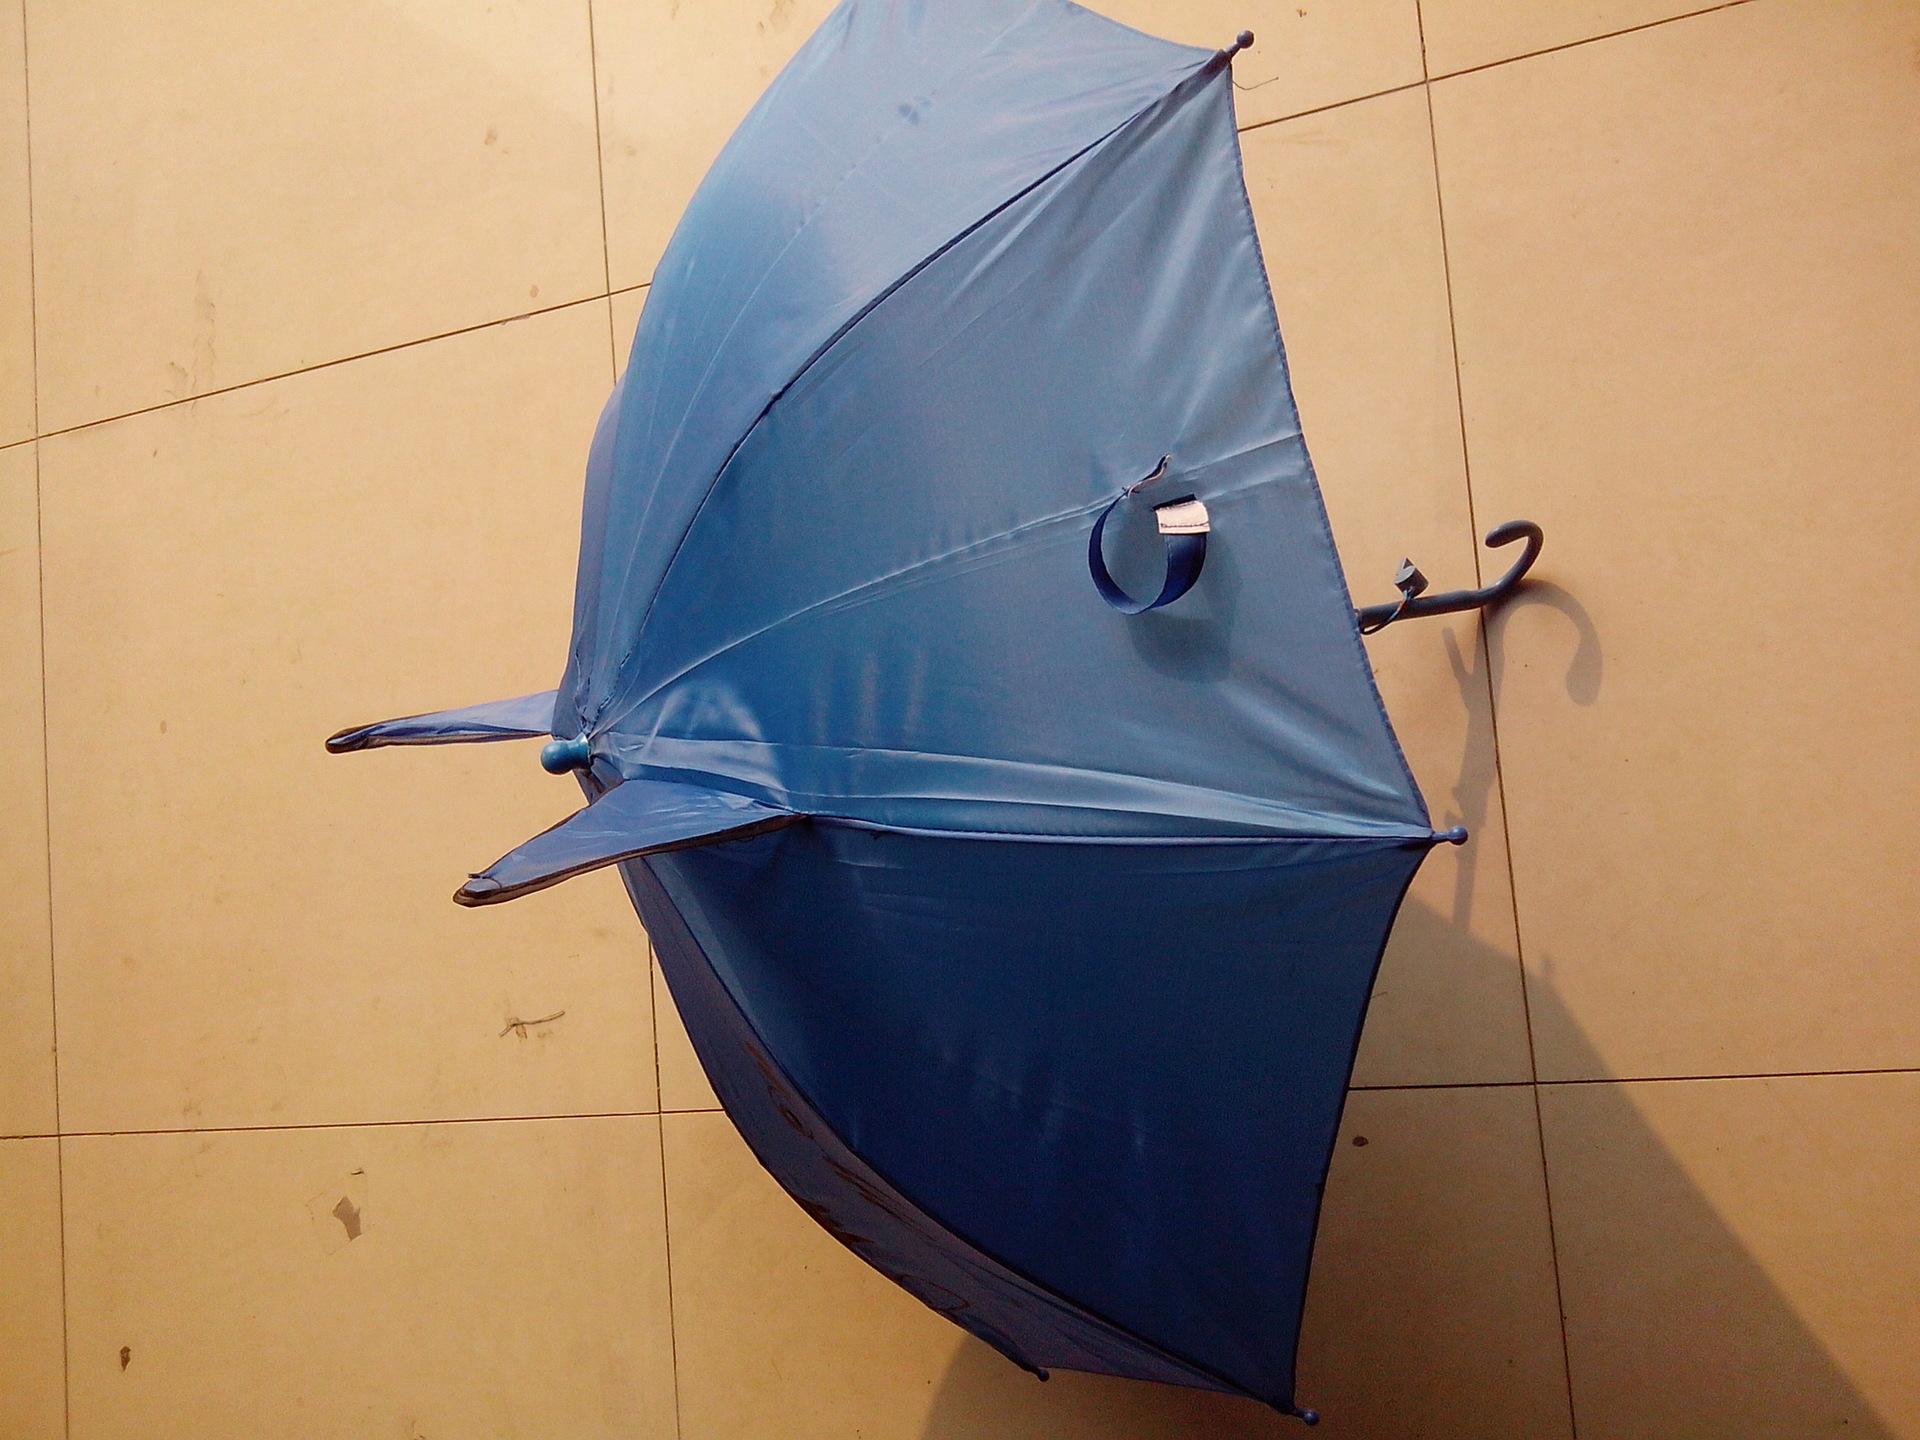 家佳品牌专业生产精美儿童伞价格实惠质量保证